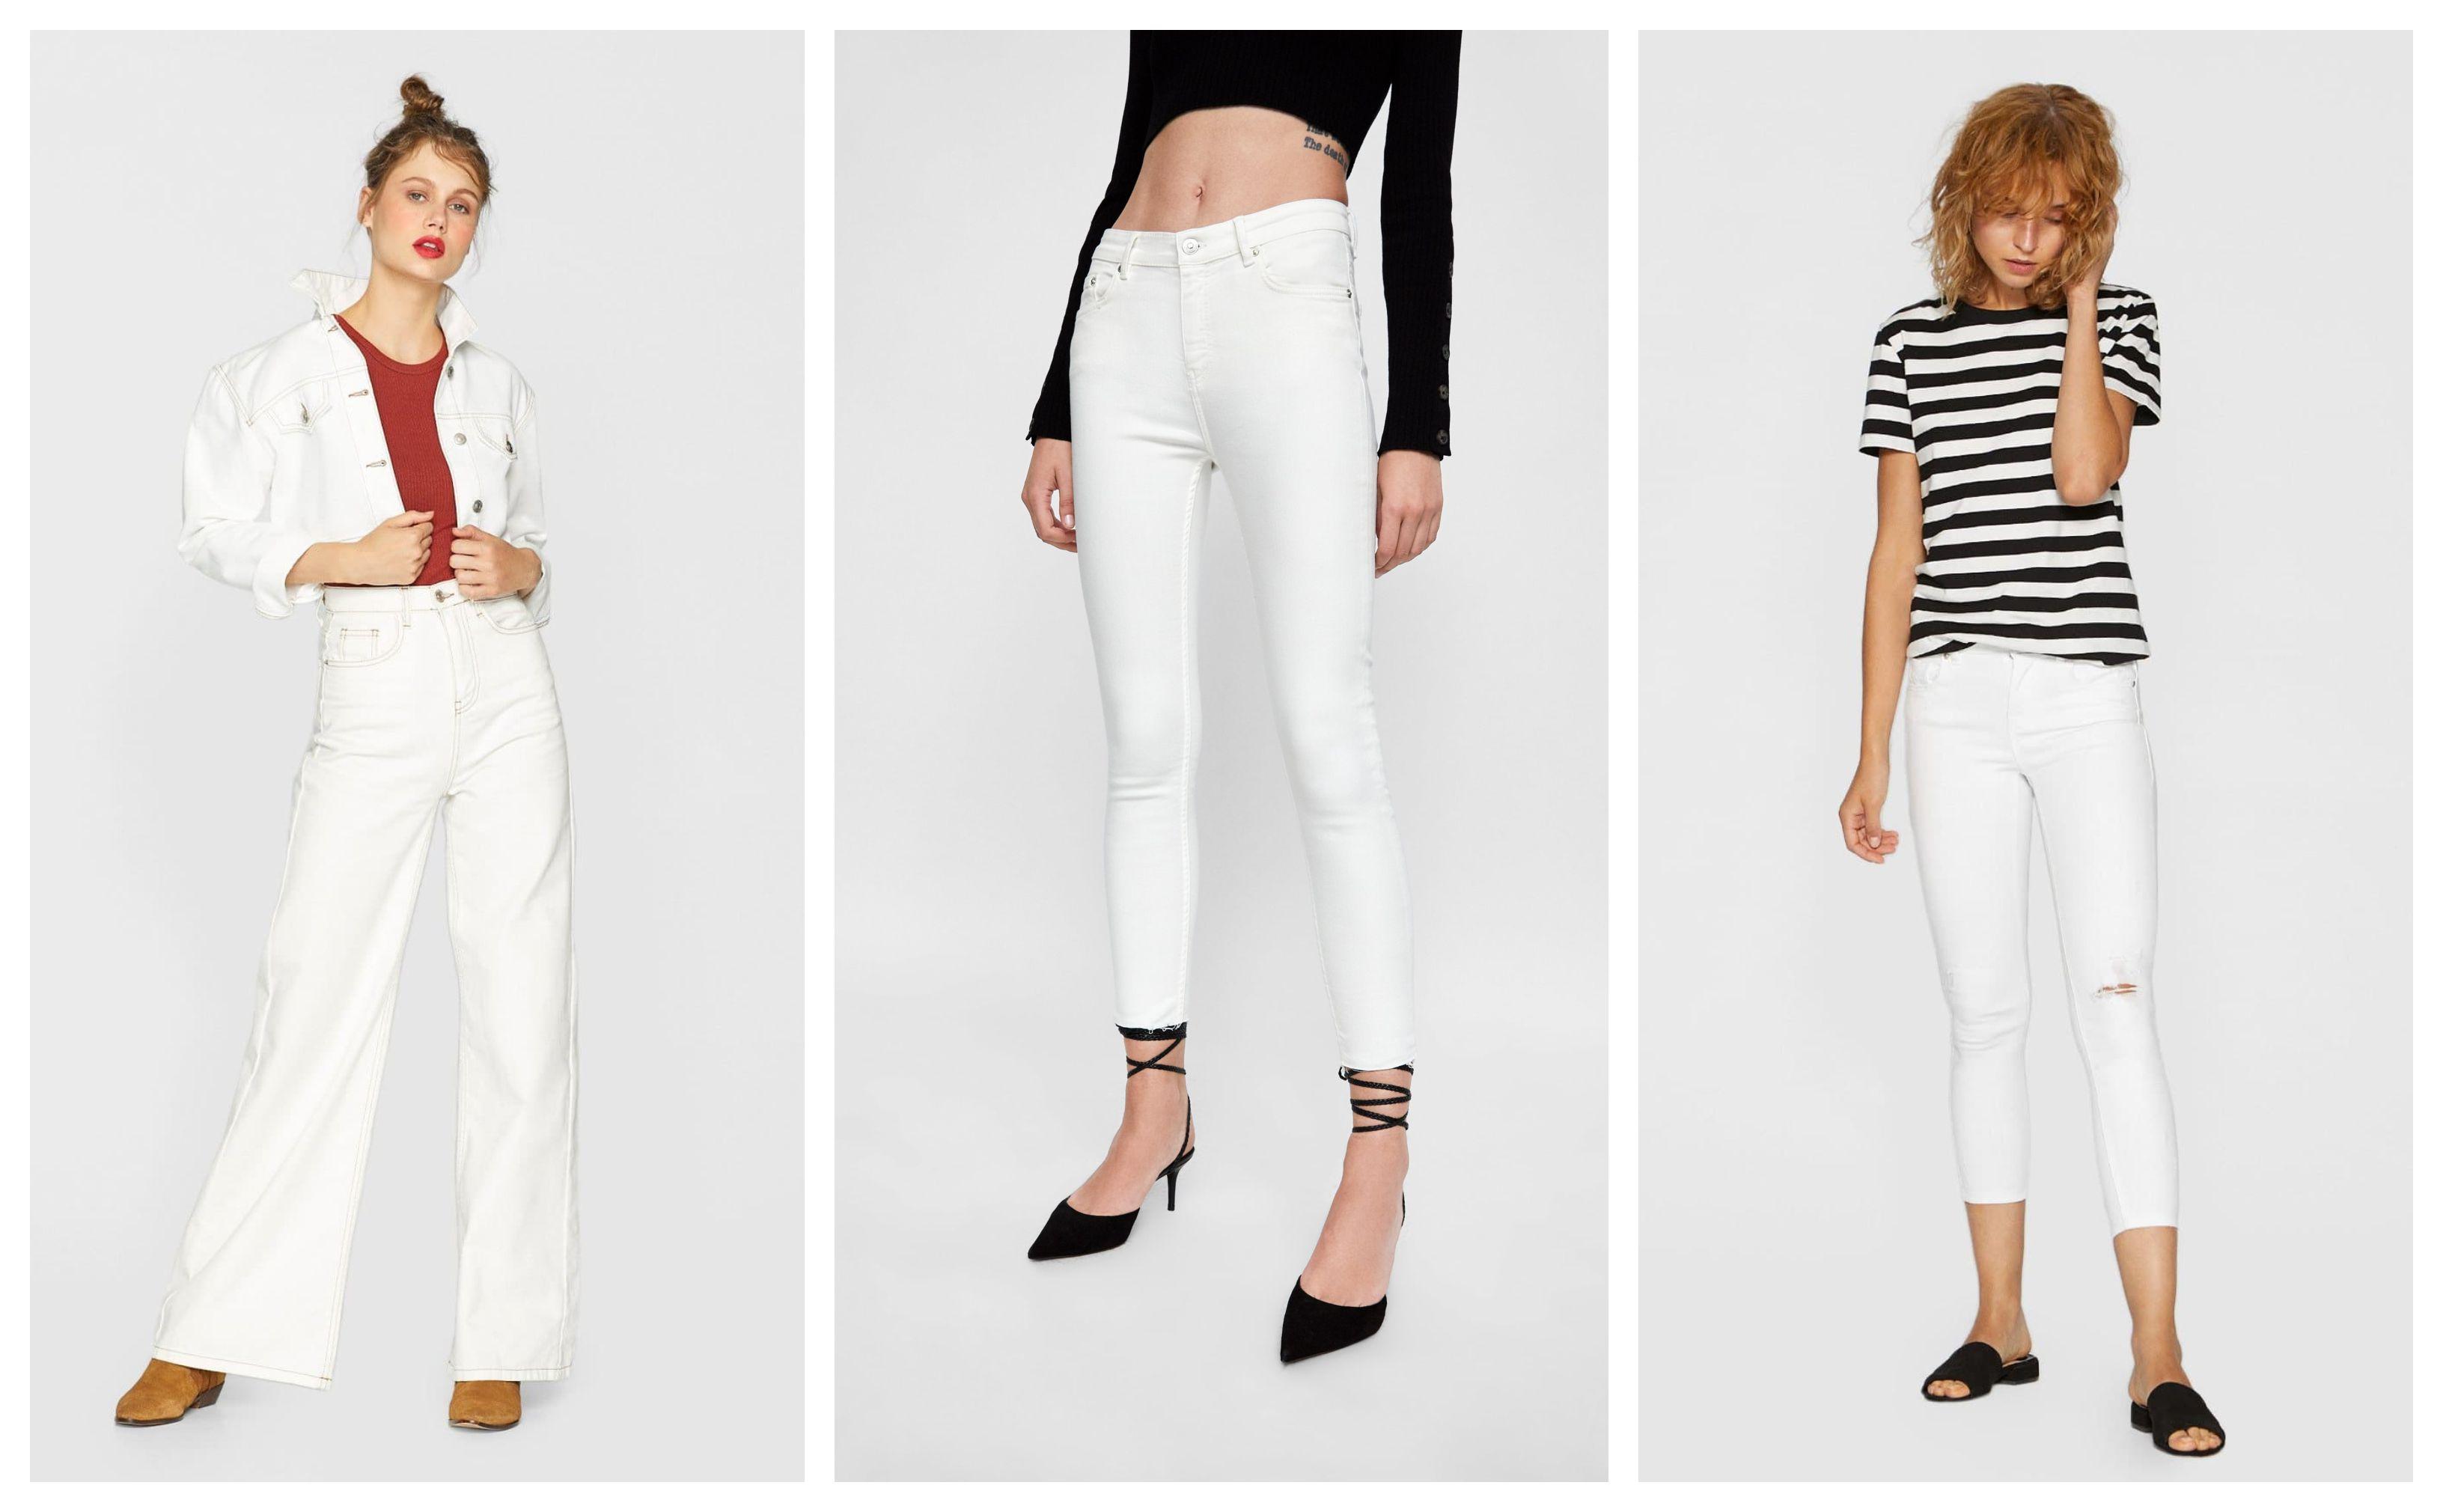 Dakle, svi nose samo - bijelo! Odabrali smo najljepše bijele traperice